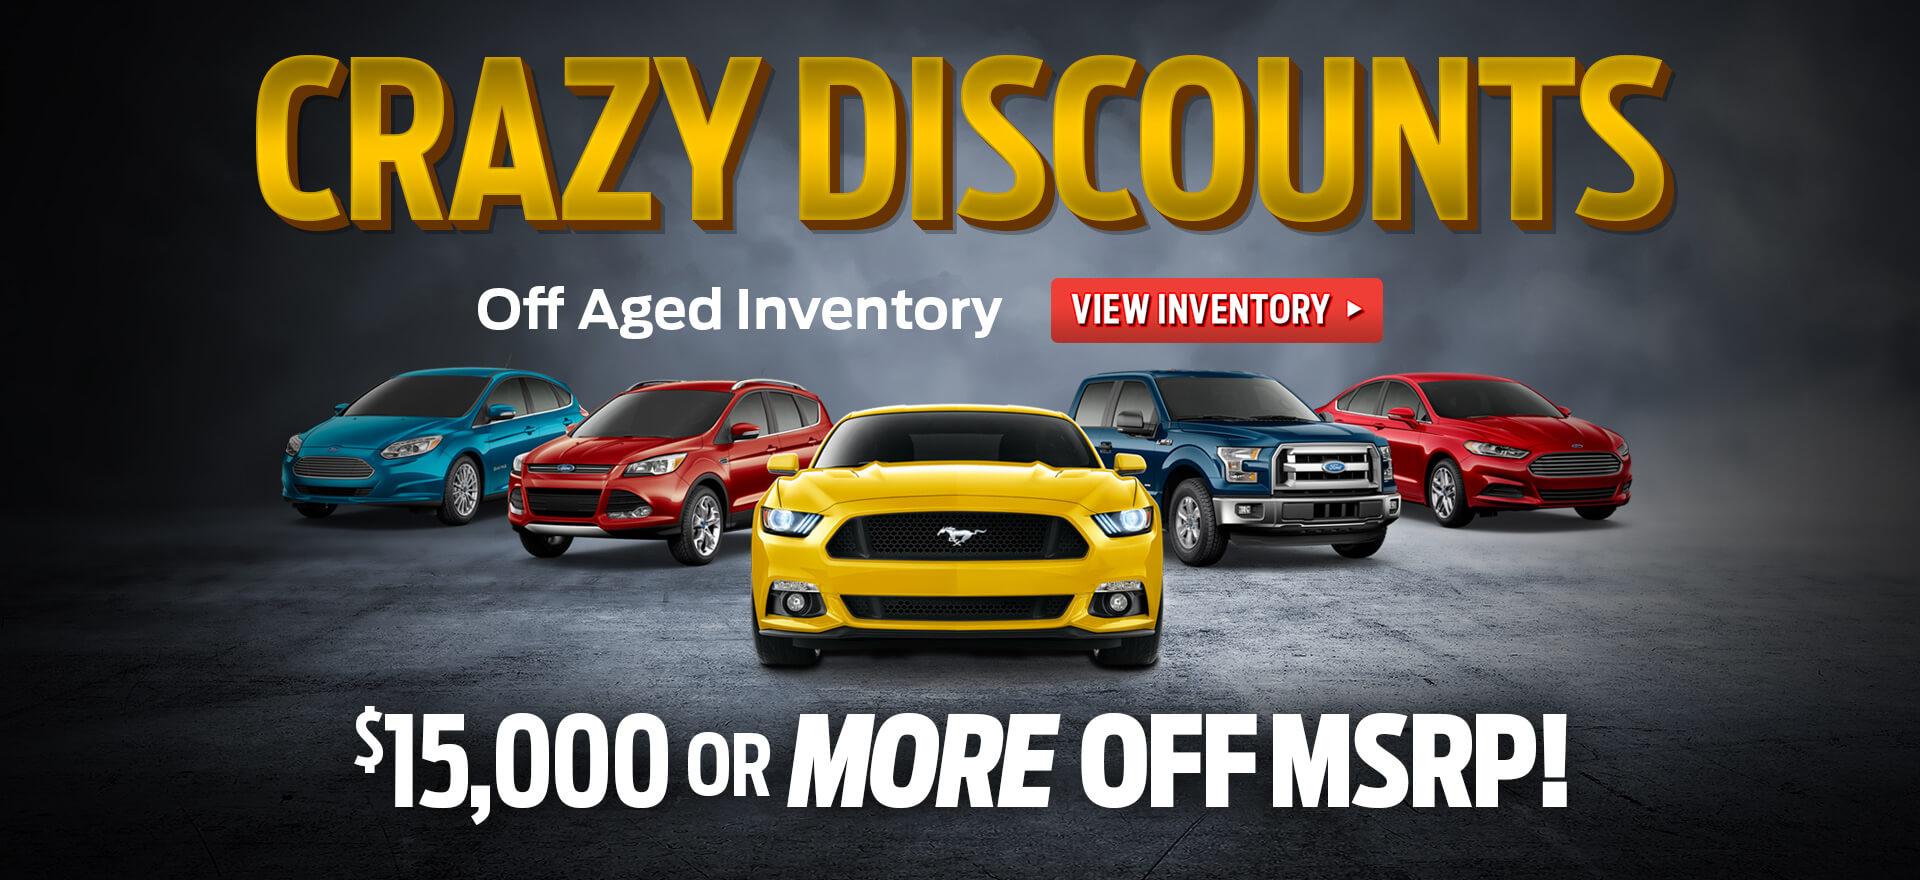 Crazy Discounts